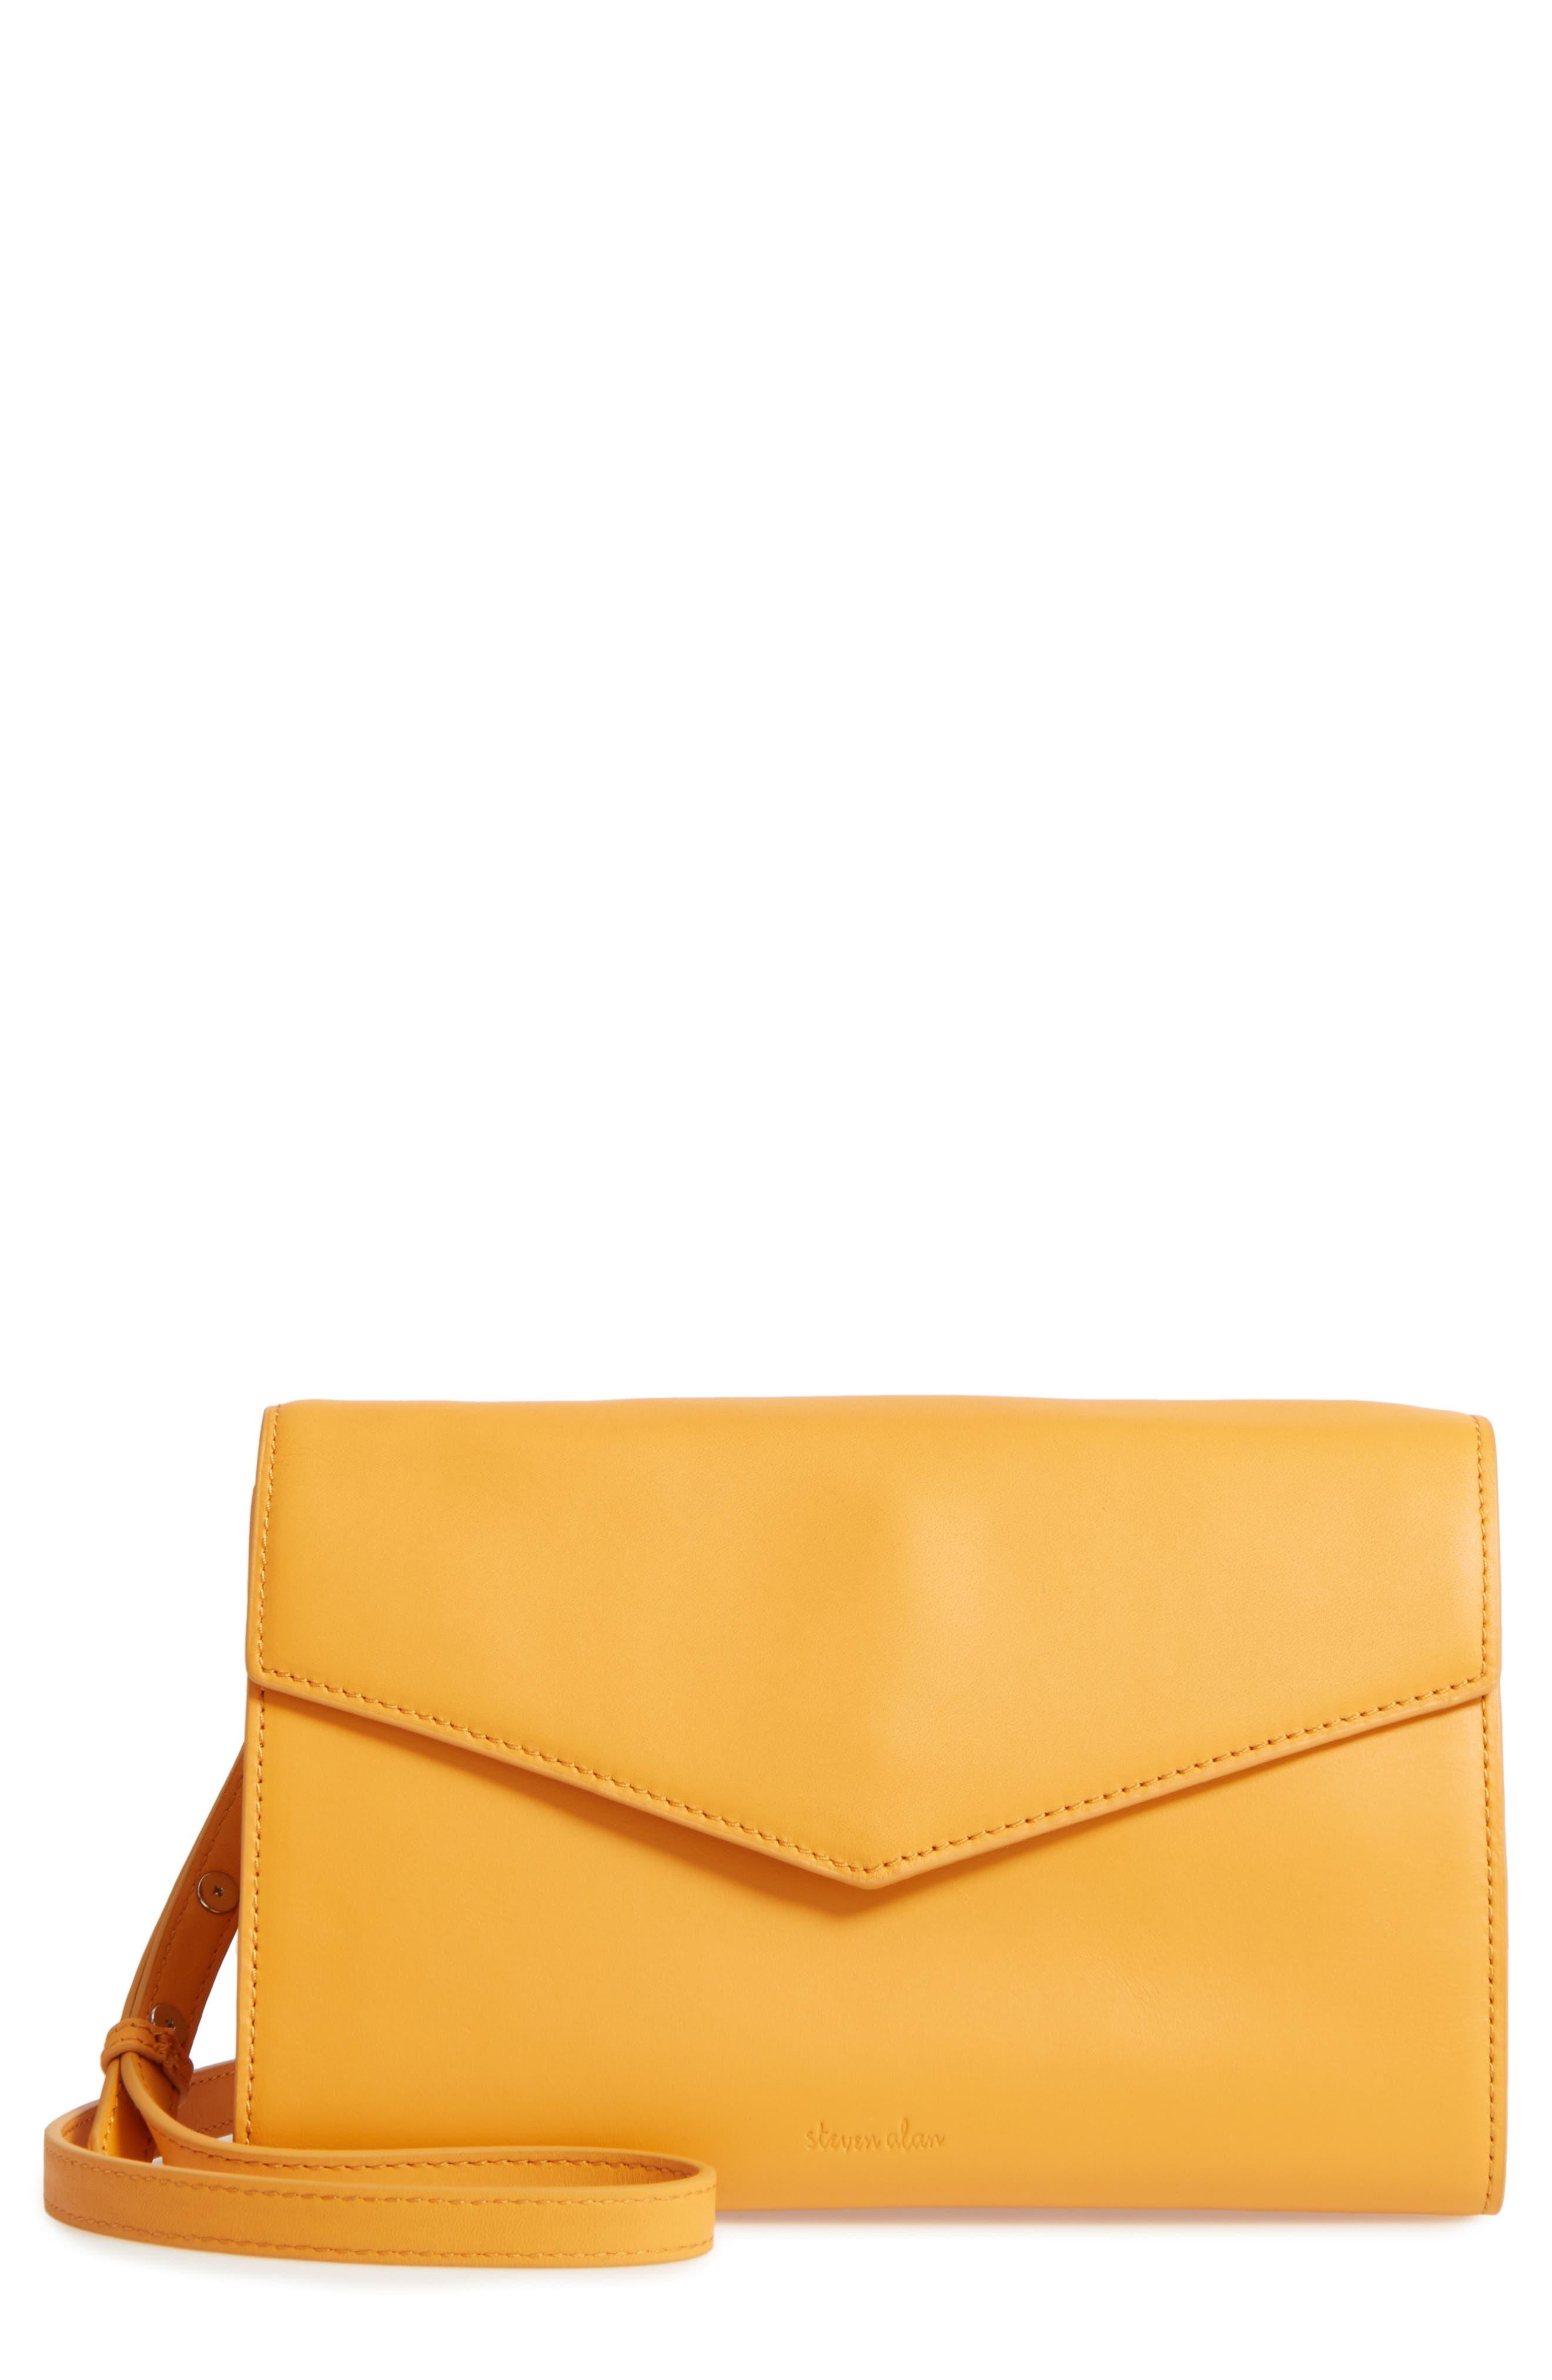 Alternate Image 1 Selected - Steven Alan Easton Leather Envelope Crossbody Bag